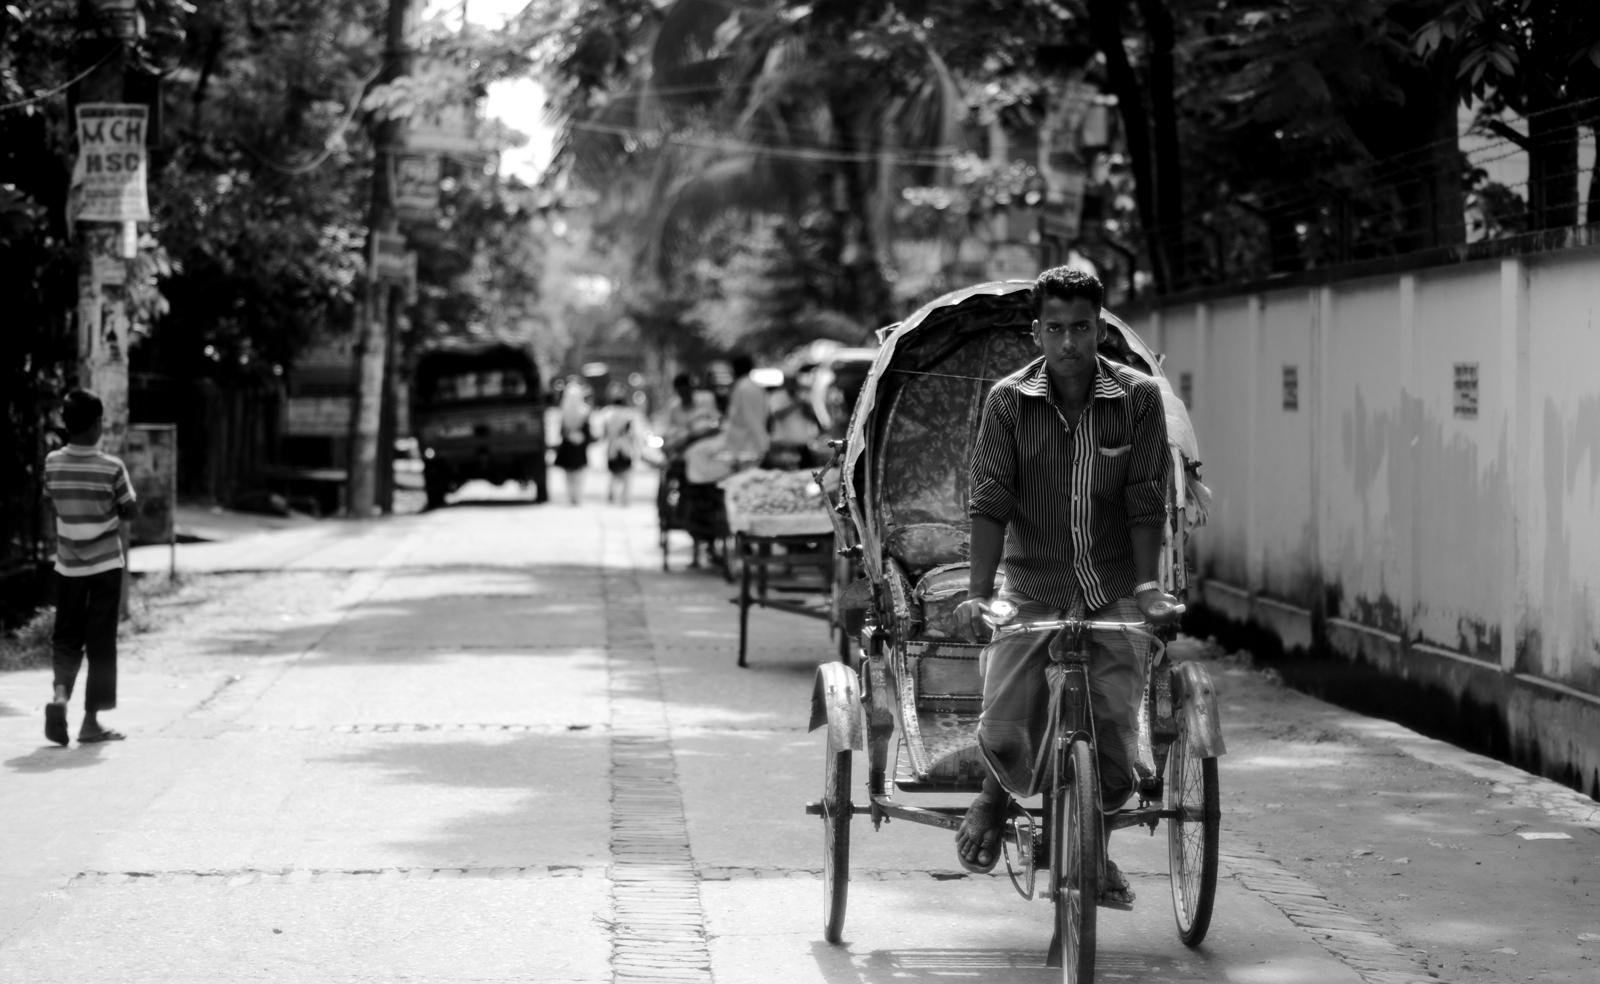 A rickshaw puller in Bangladesh. Photo taken on July 26, 2012.